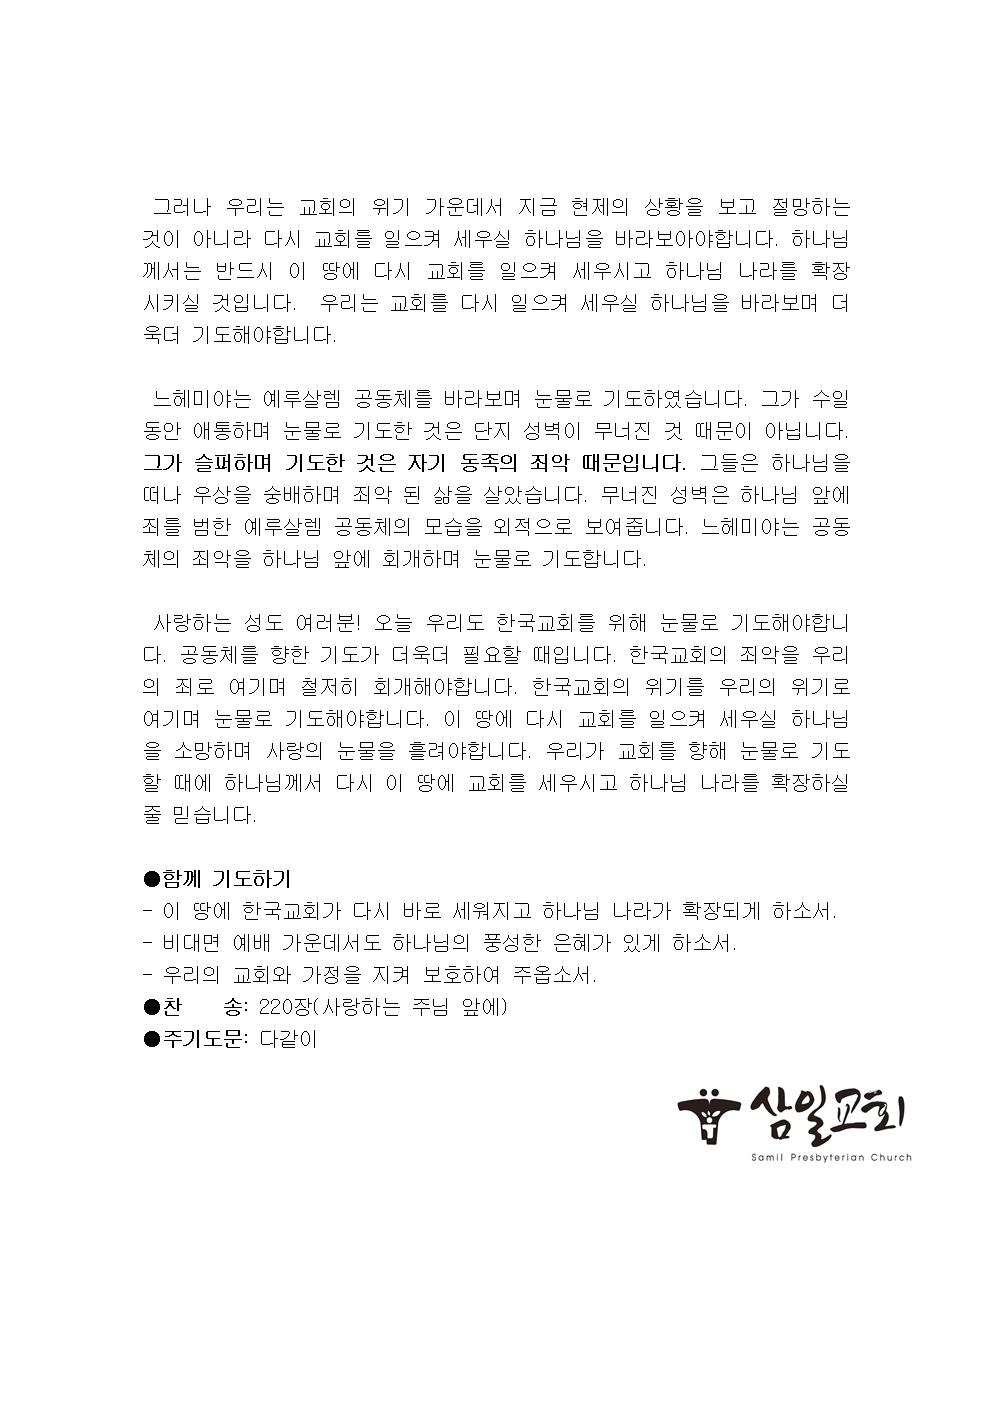 9.16.가정예배지침서(수요기도회)002.jpg